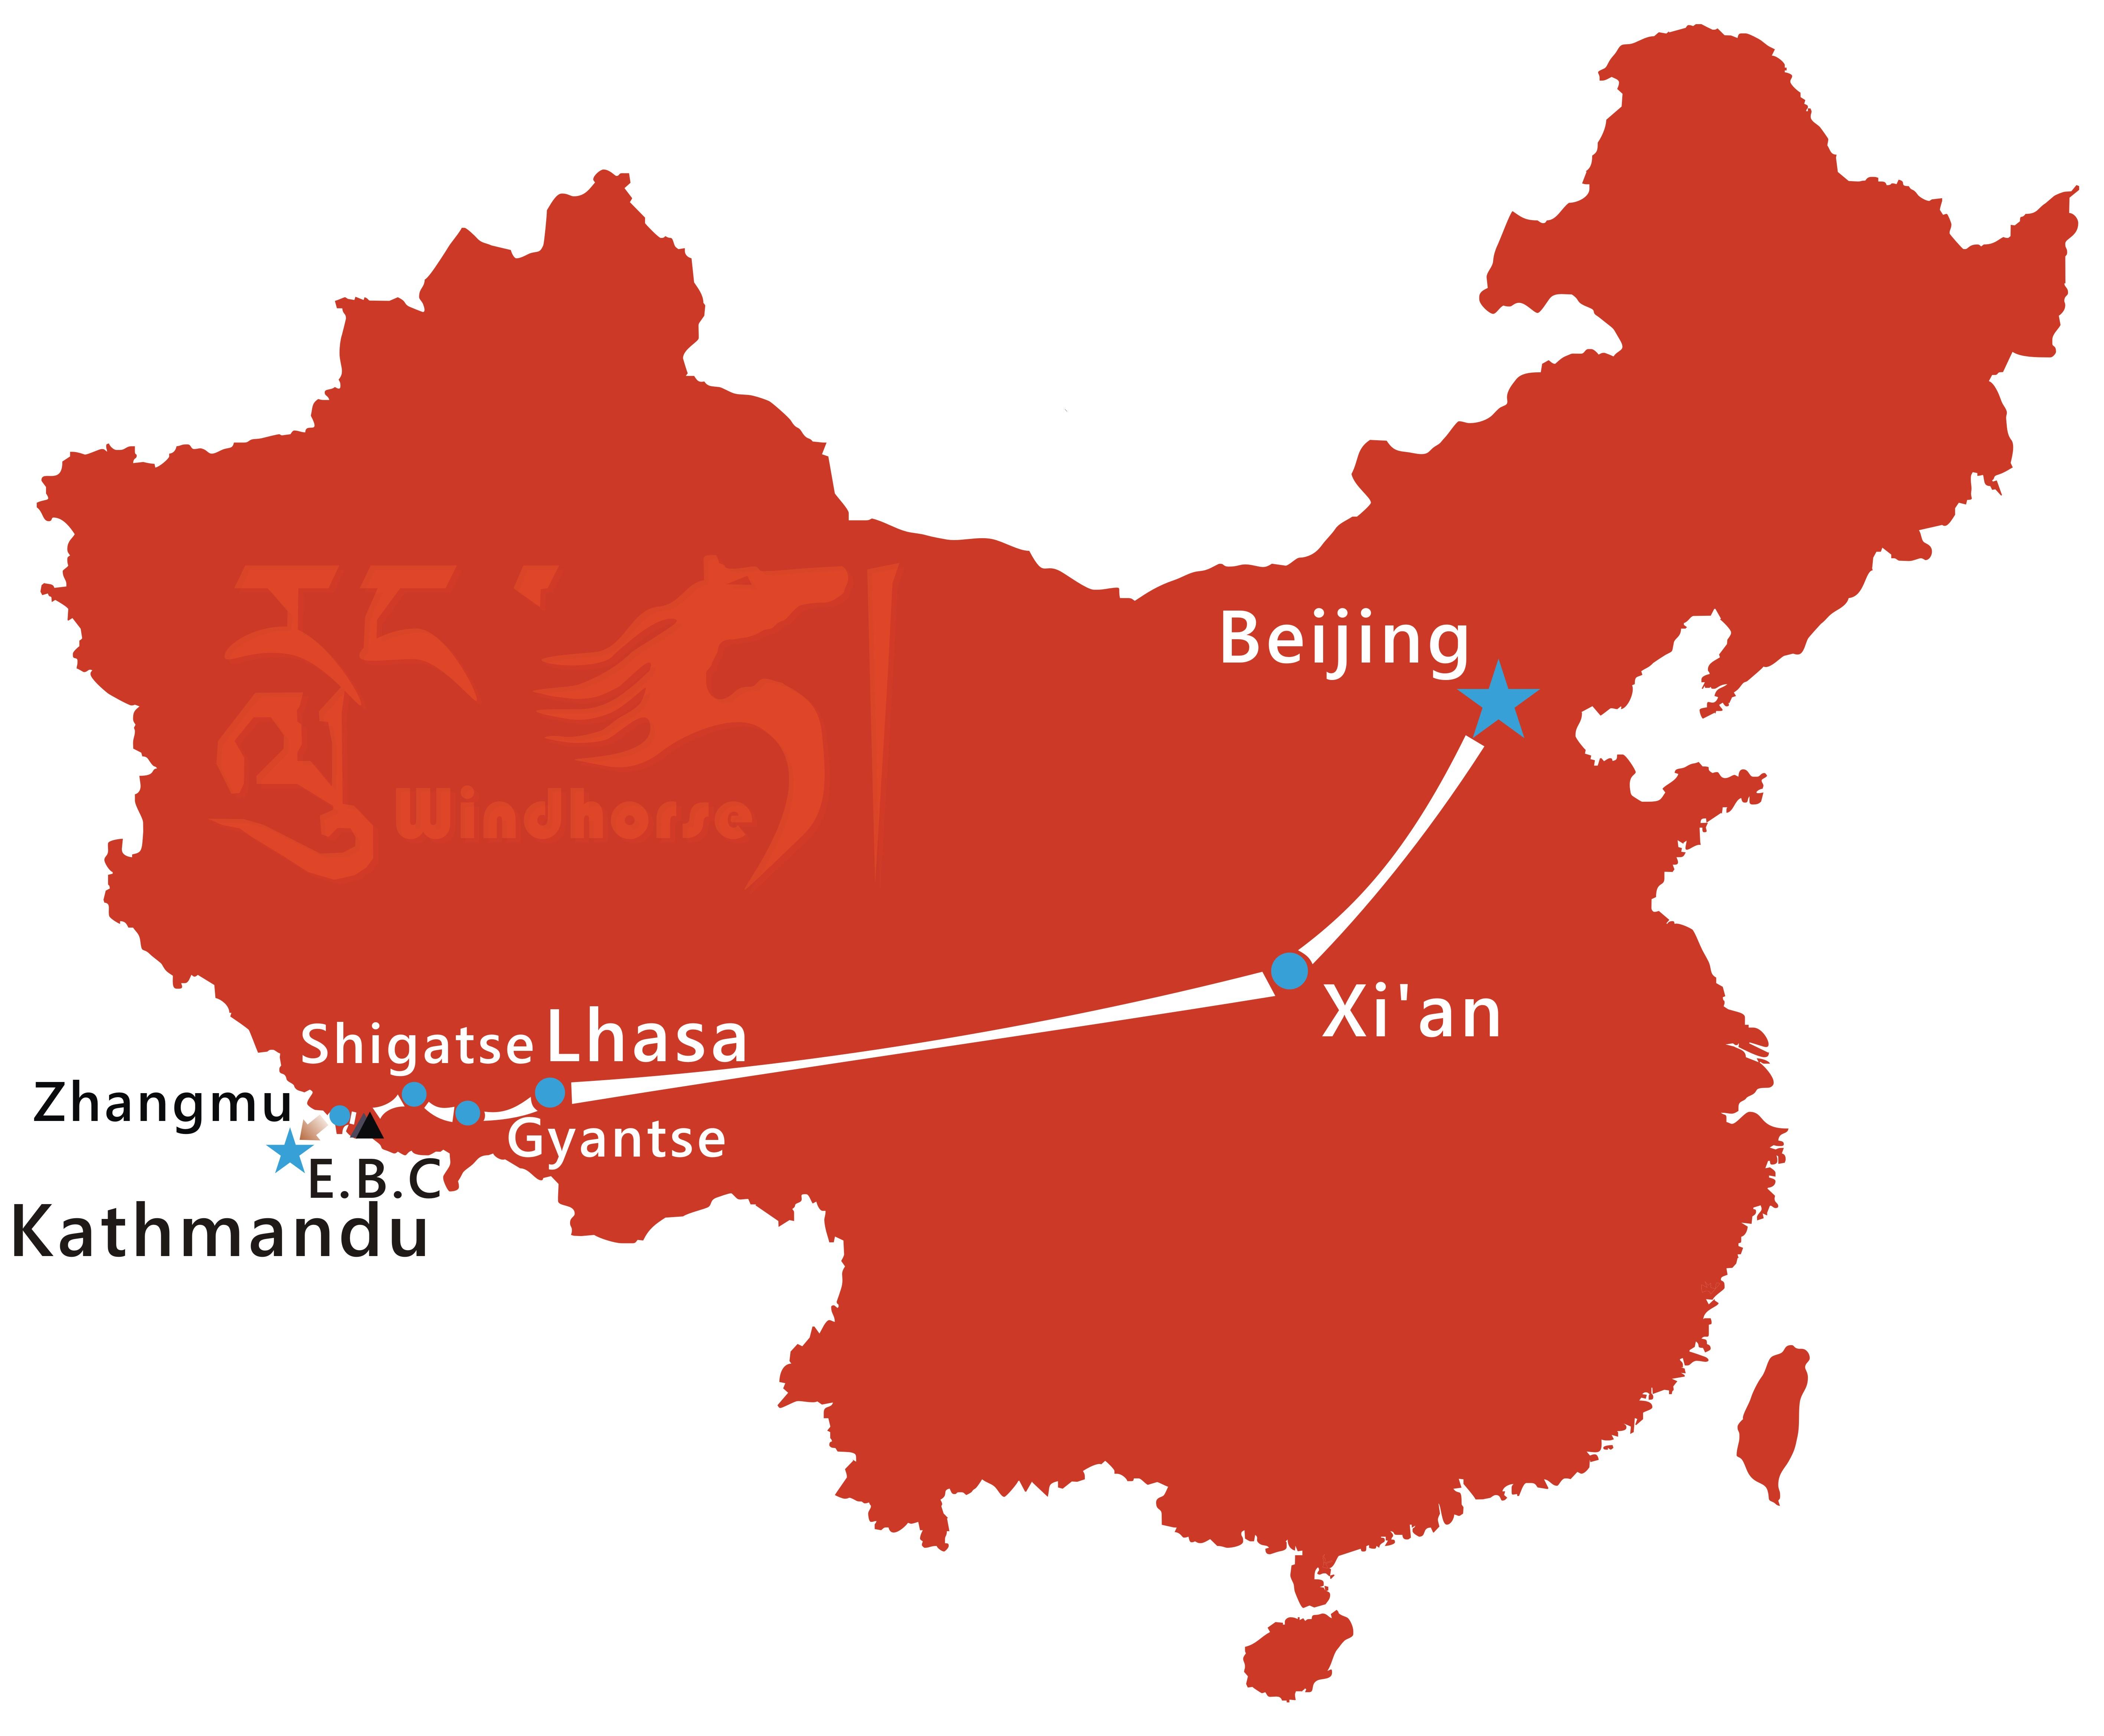 Beijing Xi'an Tibet Tour Route